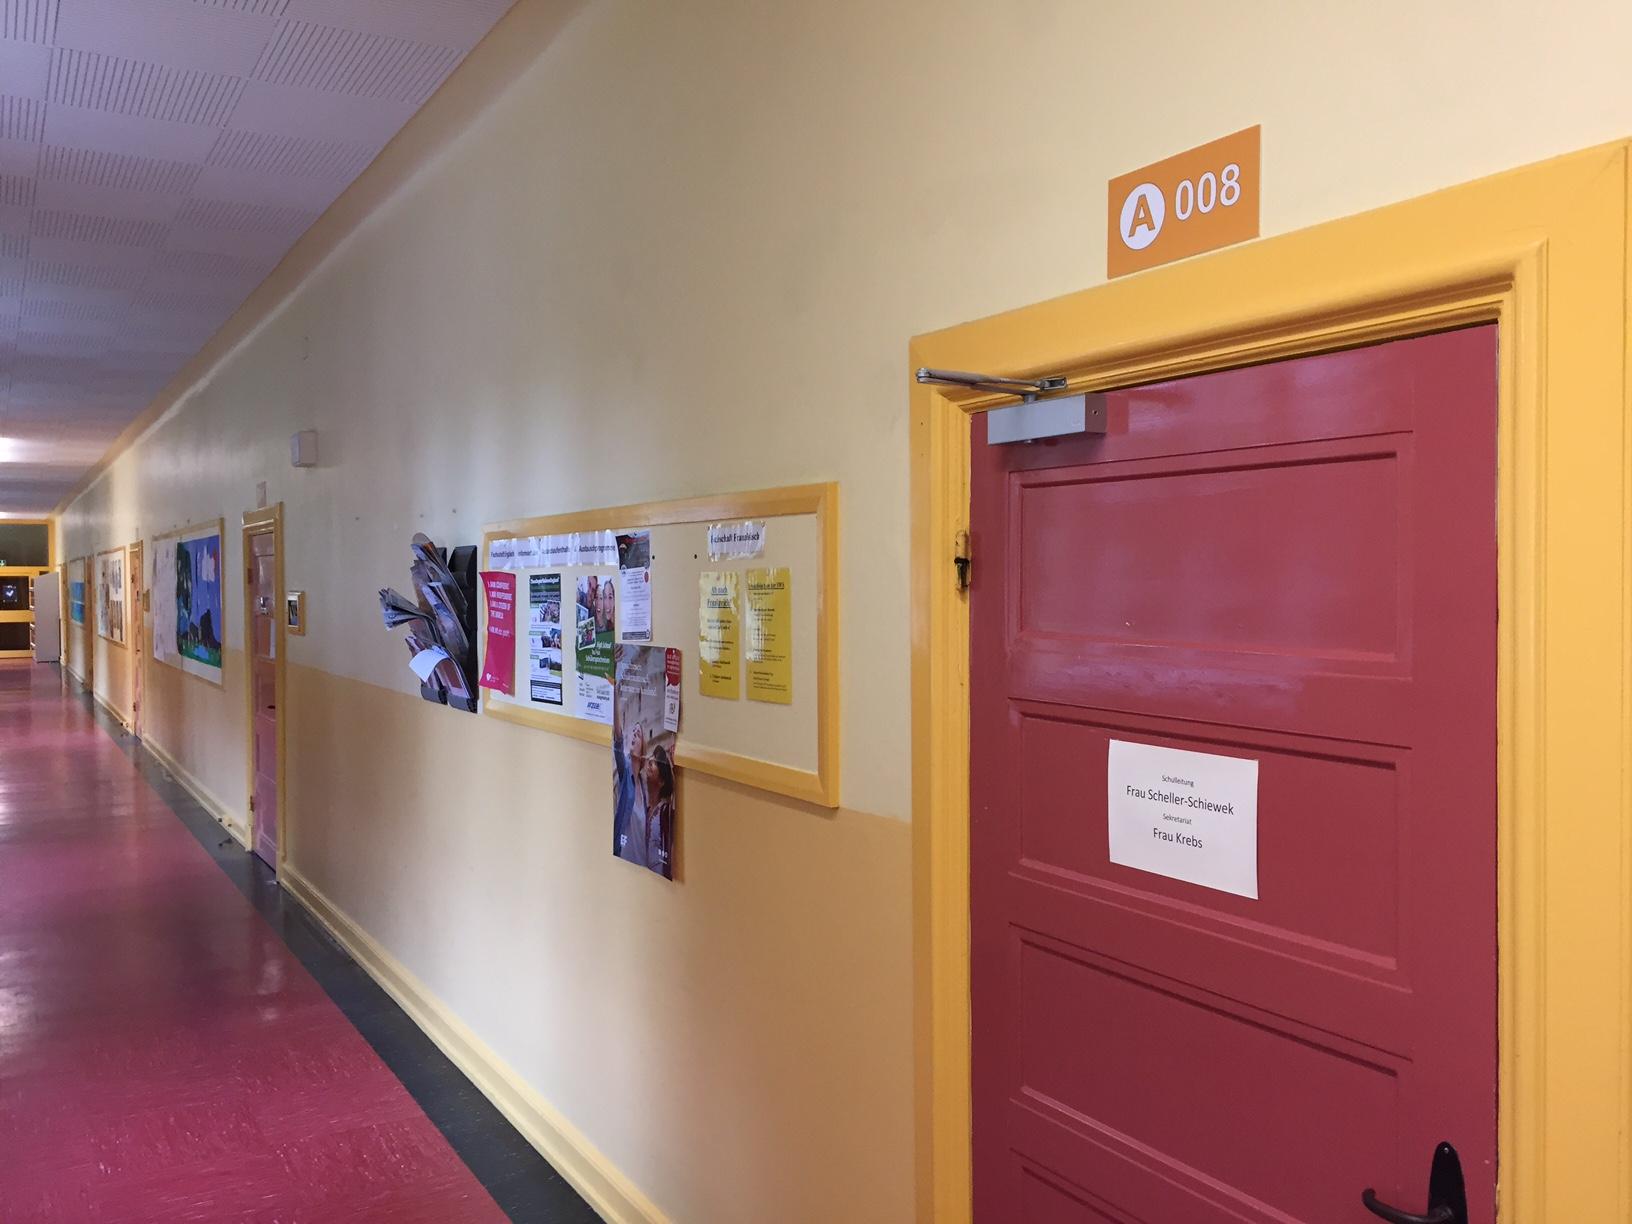 FLS-Türmarker ist ein Element des Leitsystems an der Sachsenwaldschule in Reinbek.